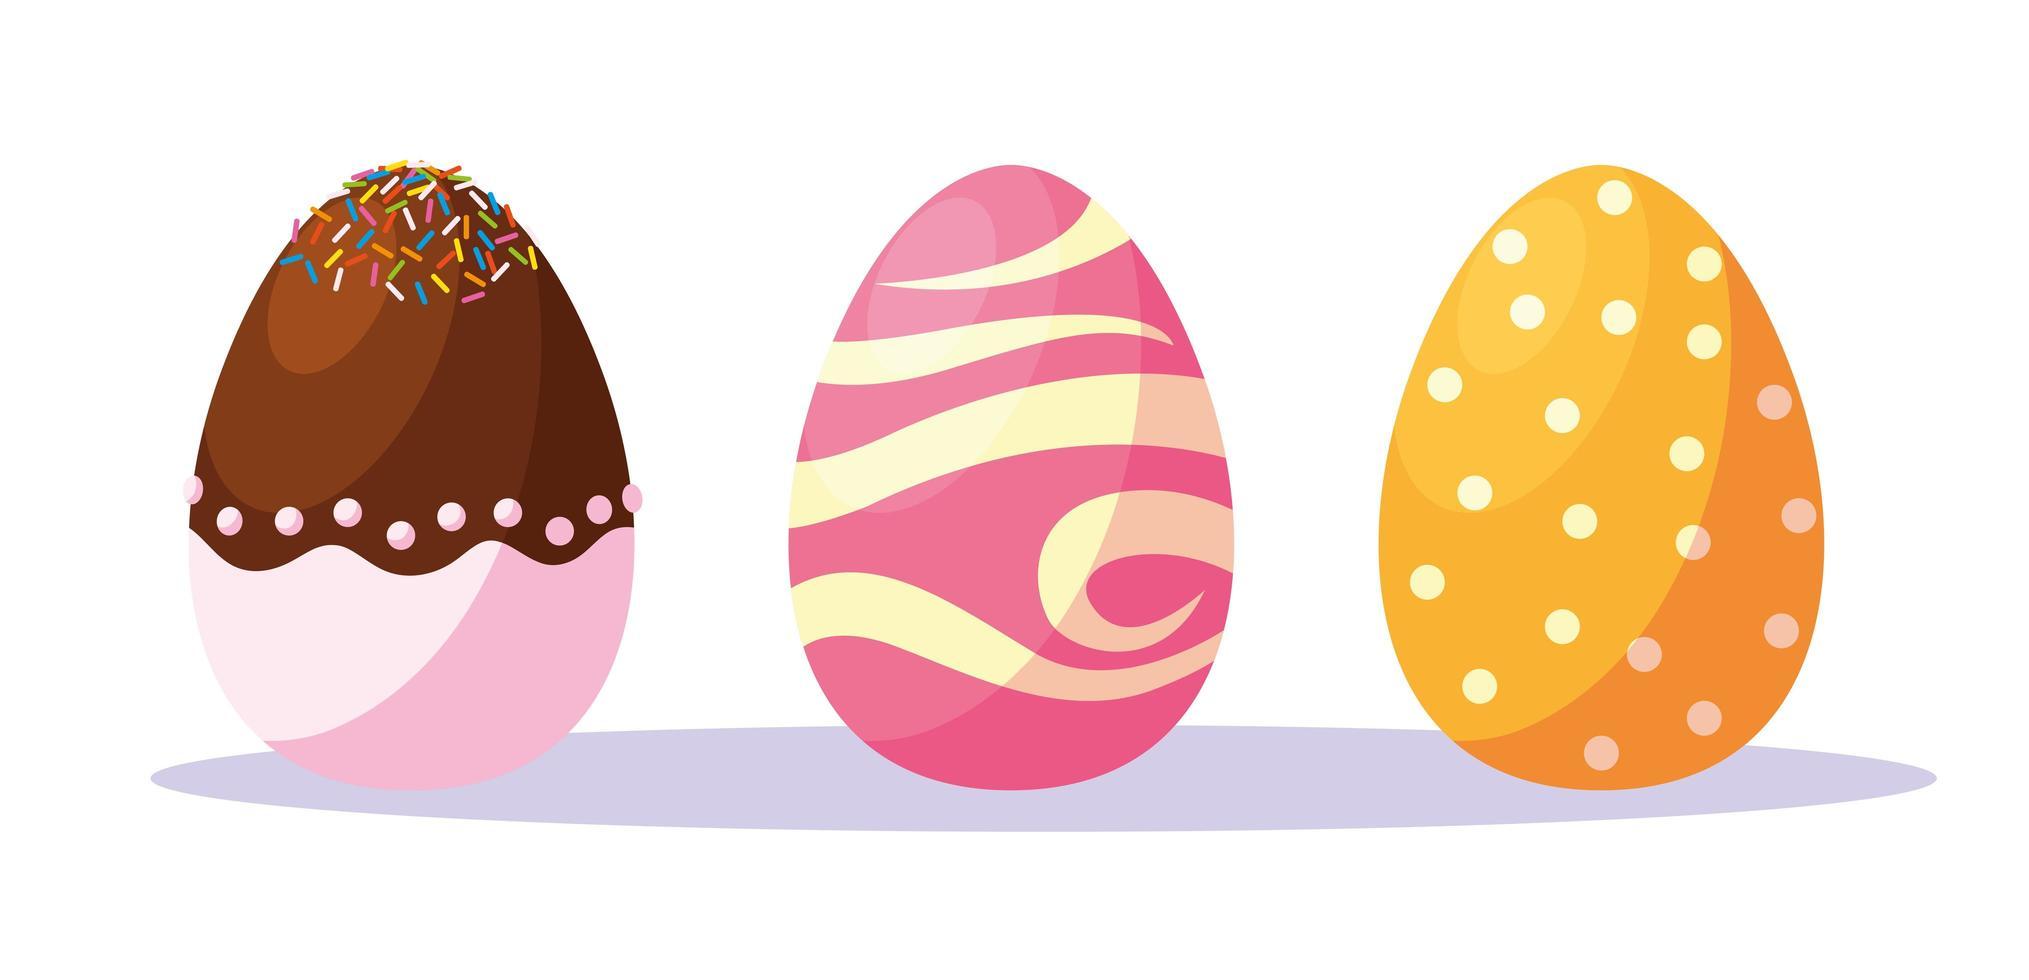 ensemble d'oeufs de Pâques décorés vecteur